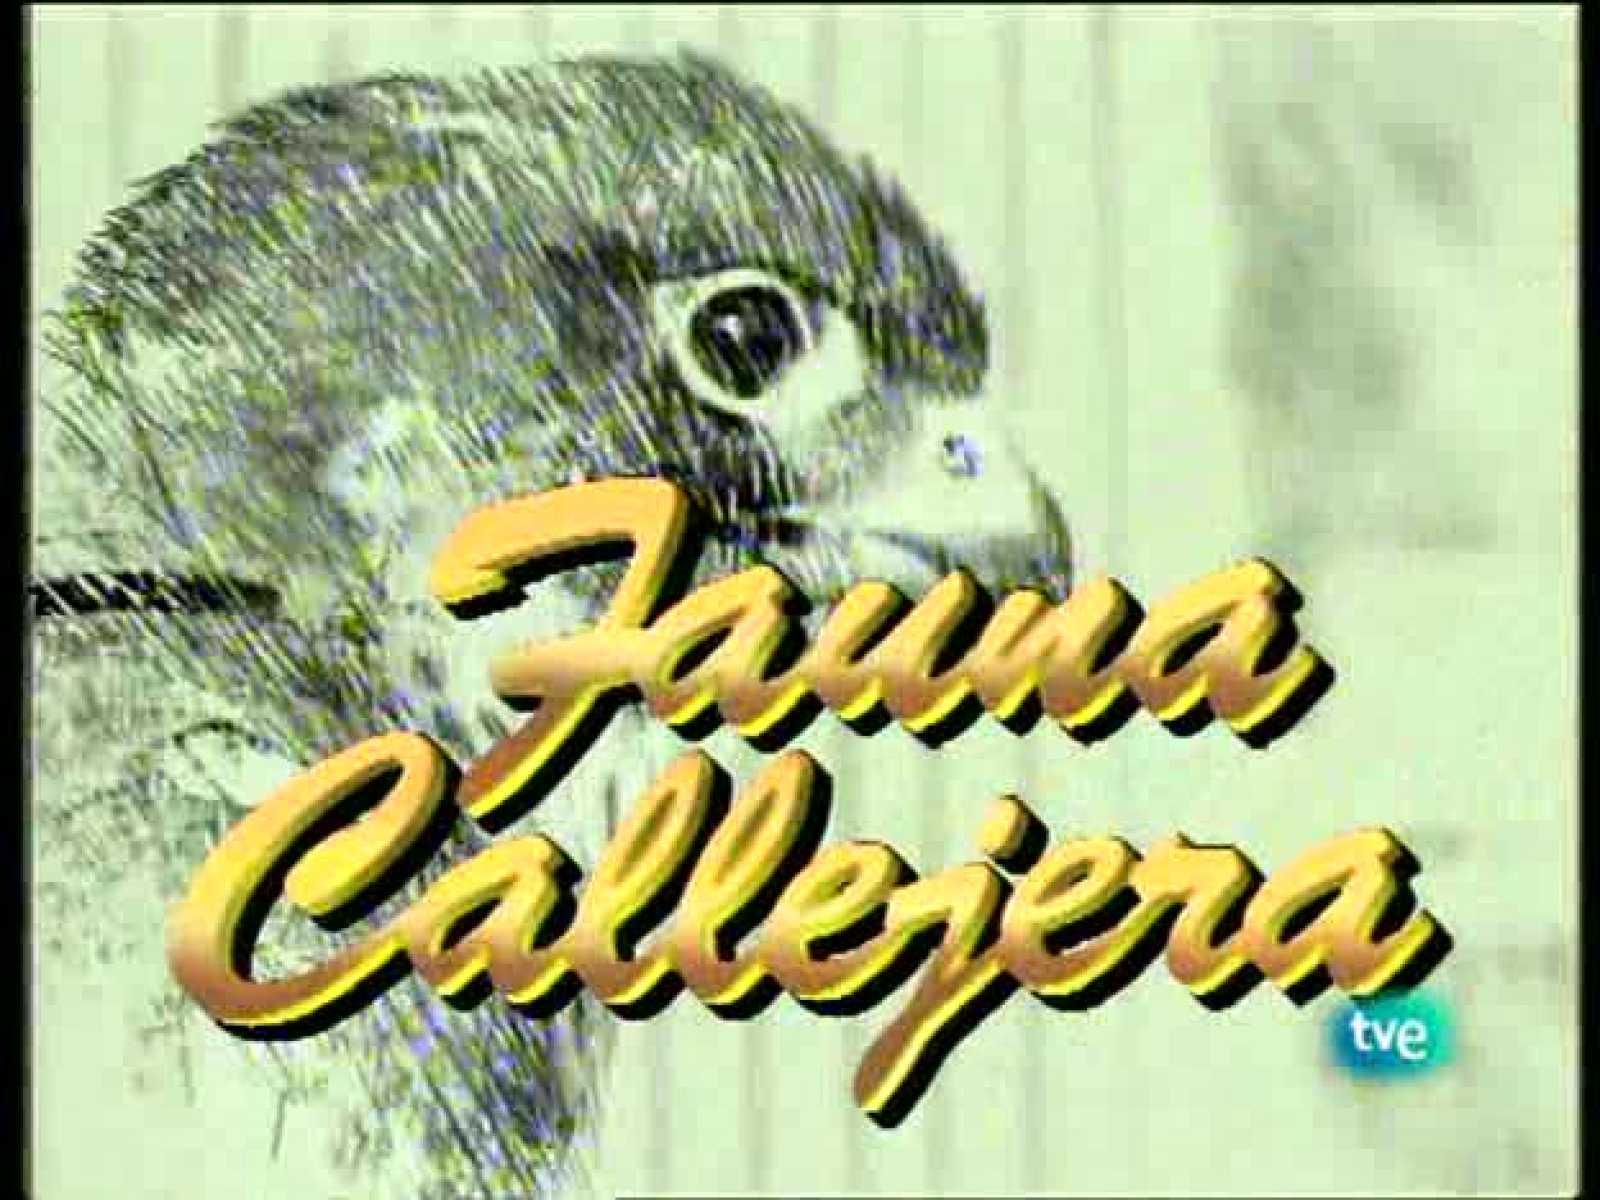 Fauna callejera - Inquilinos a la fuerza - Ver ahora